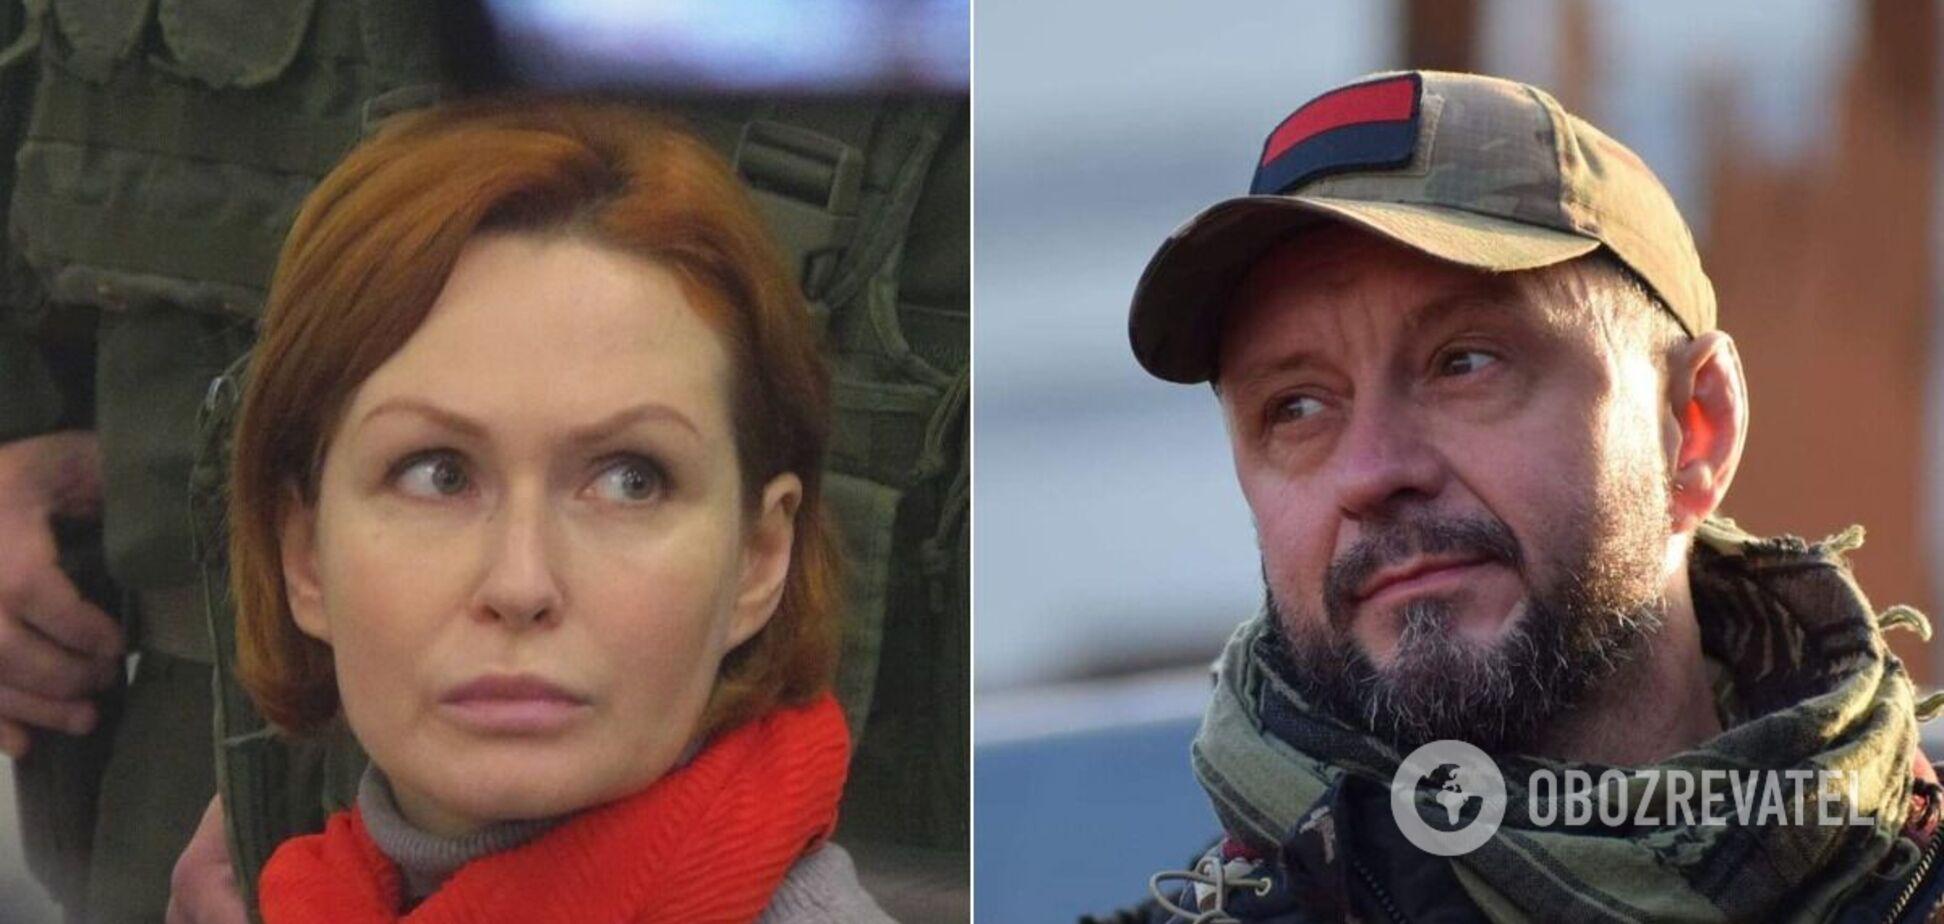 Антоненко и Кузьменко получили обвинительные акты